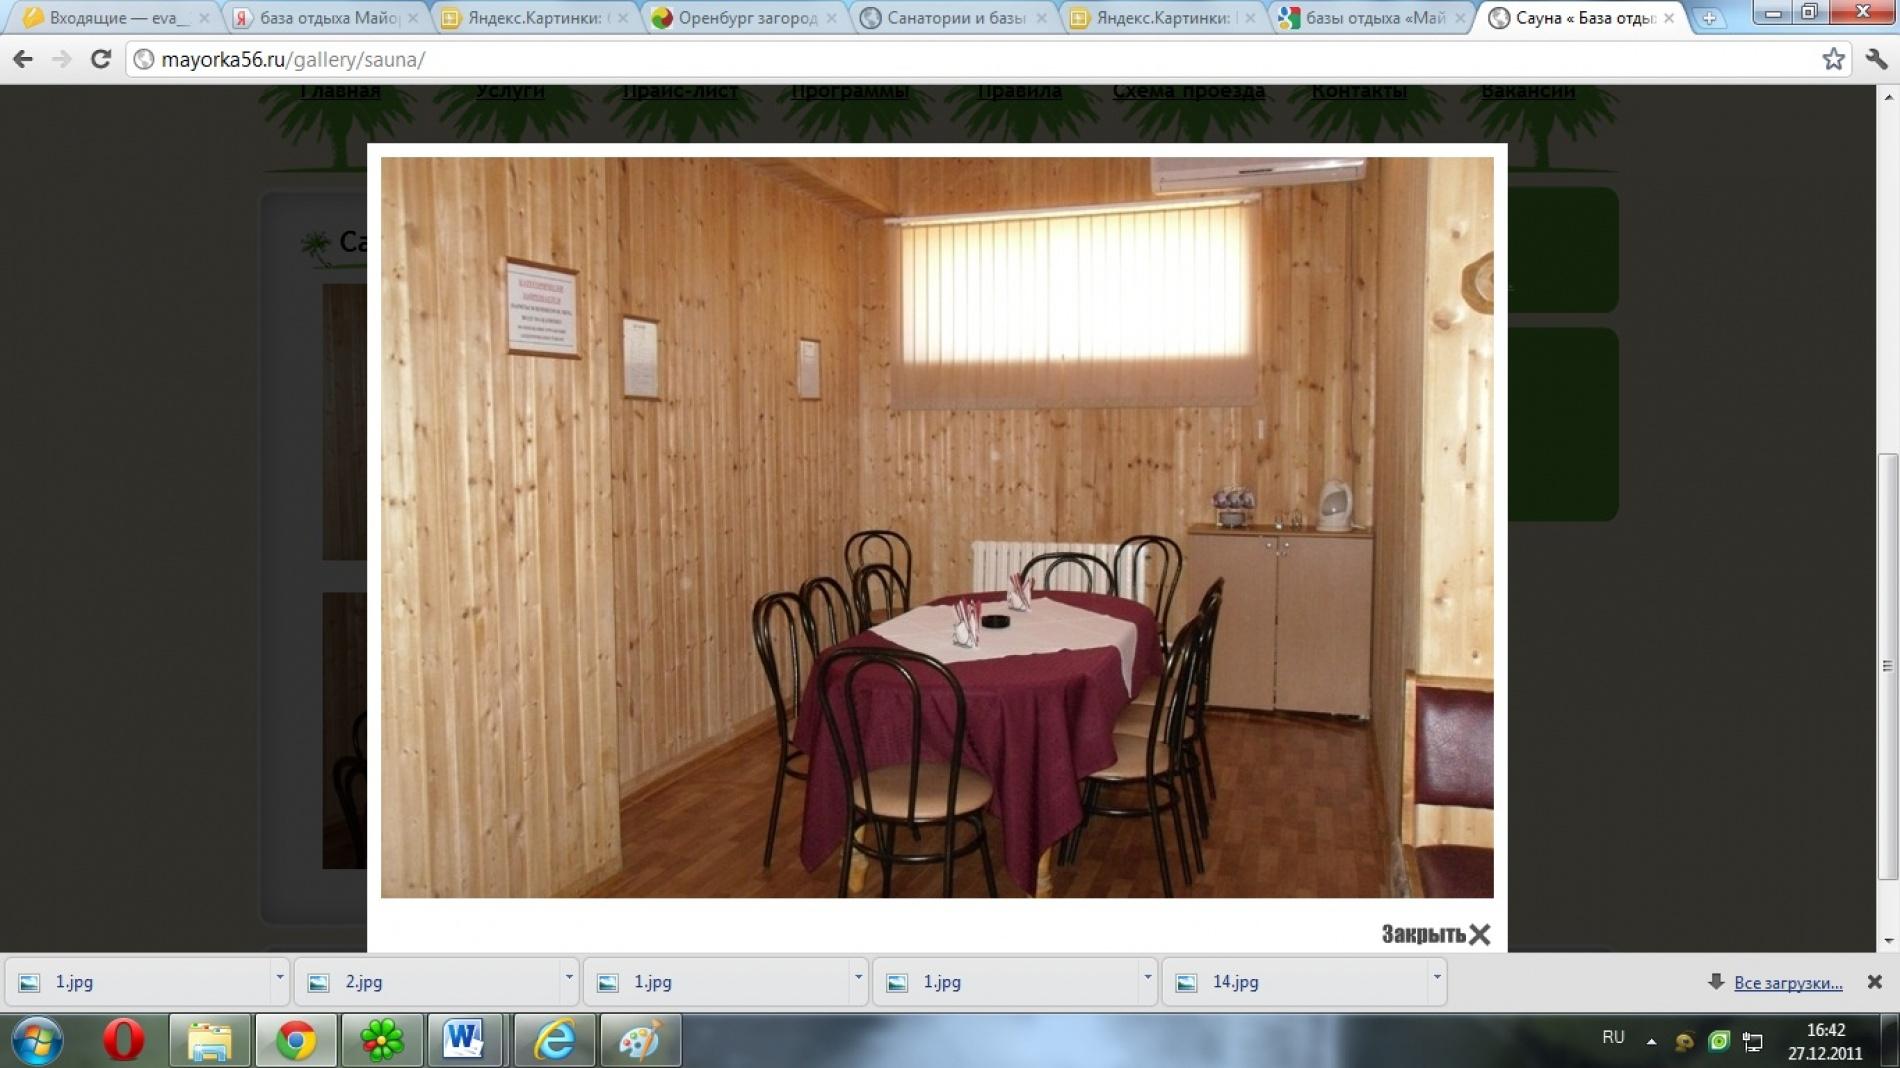 """База отдыха """"Майорка"""" Оренбургская область, фото 8"""